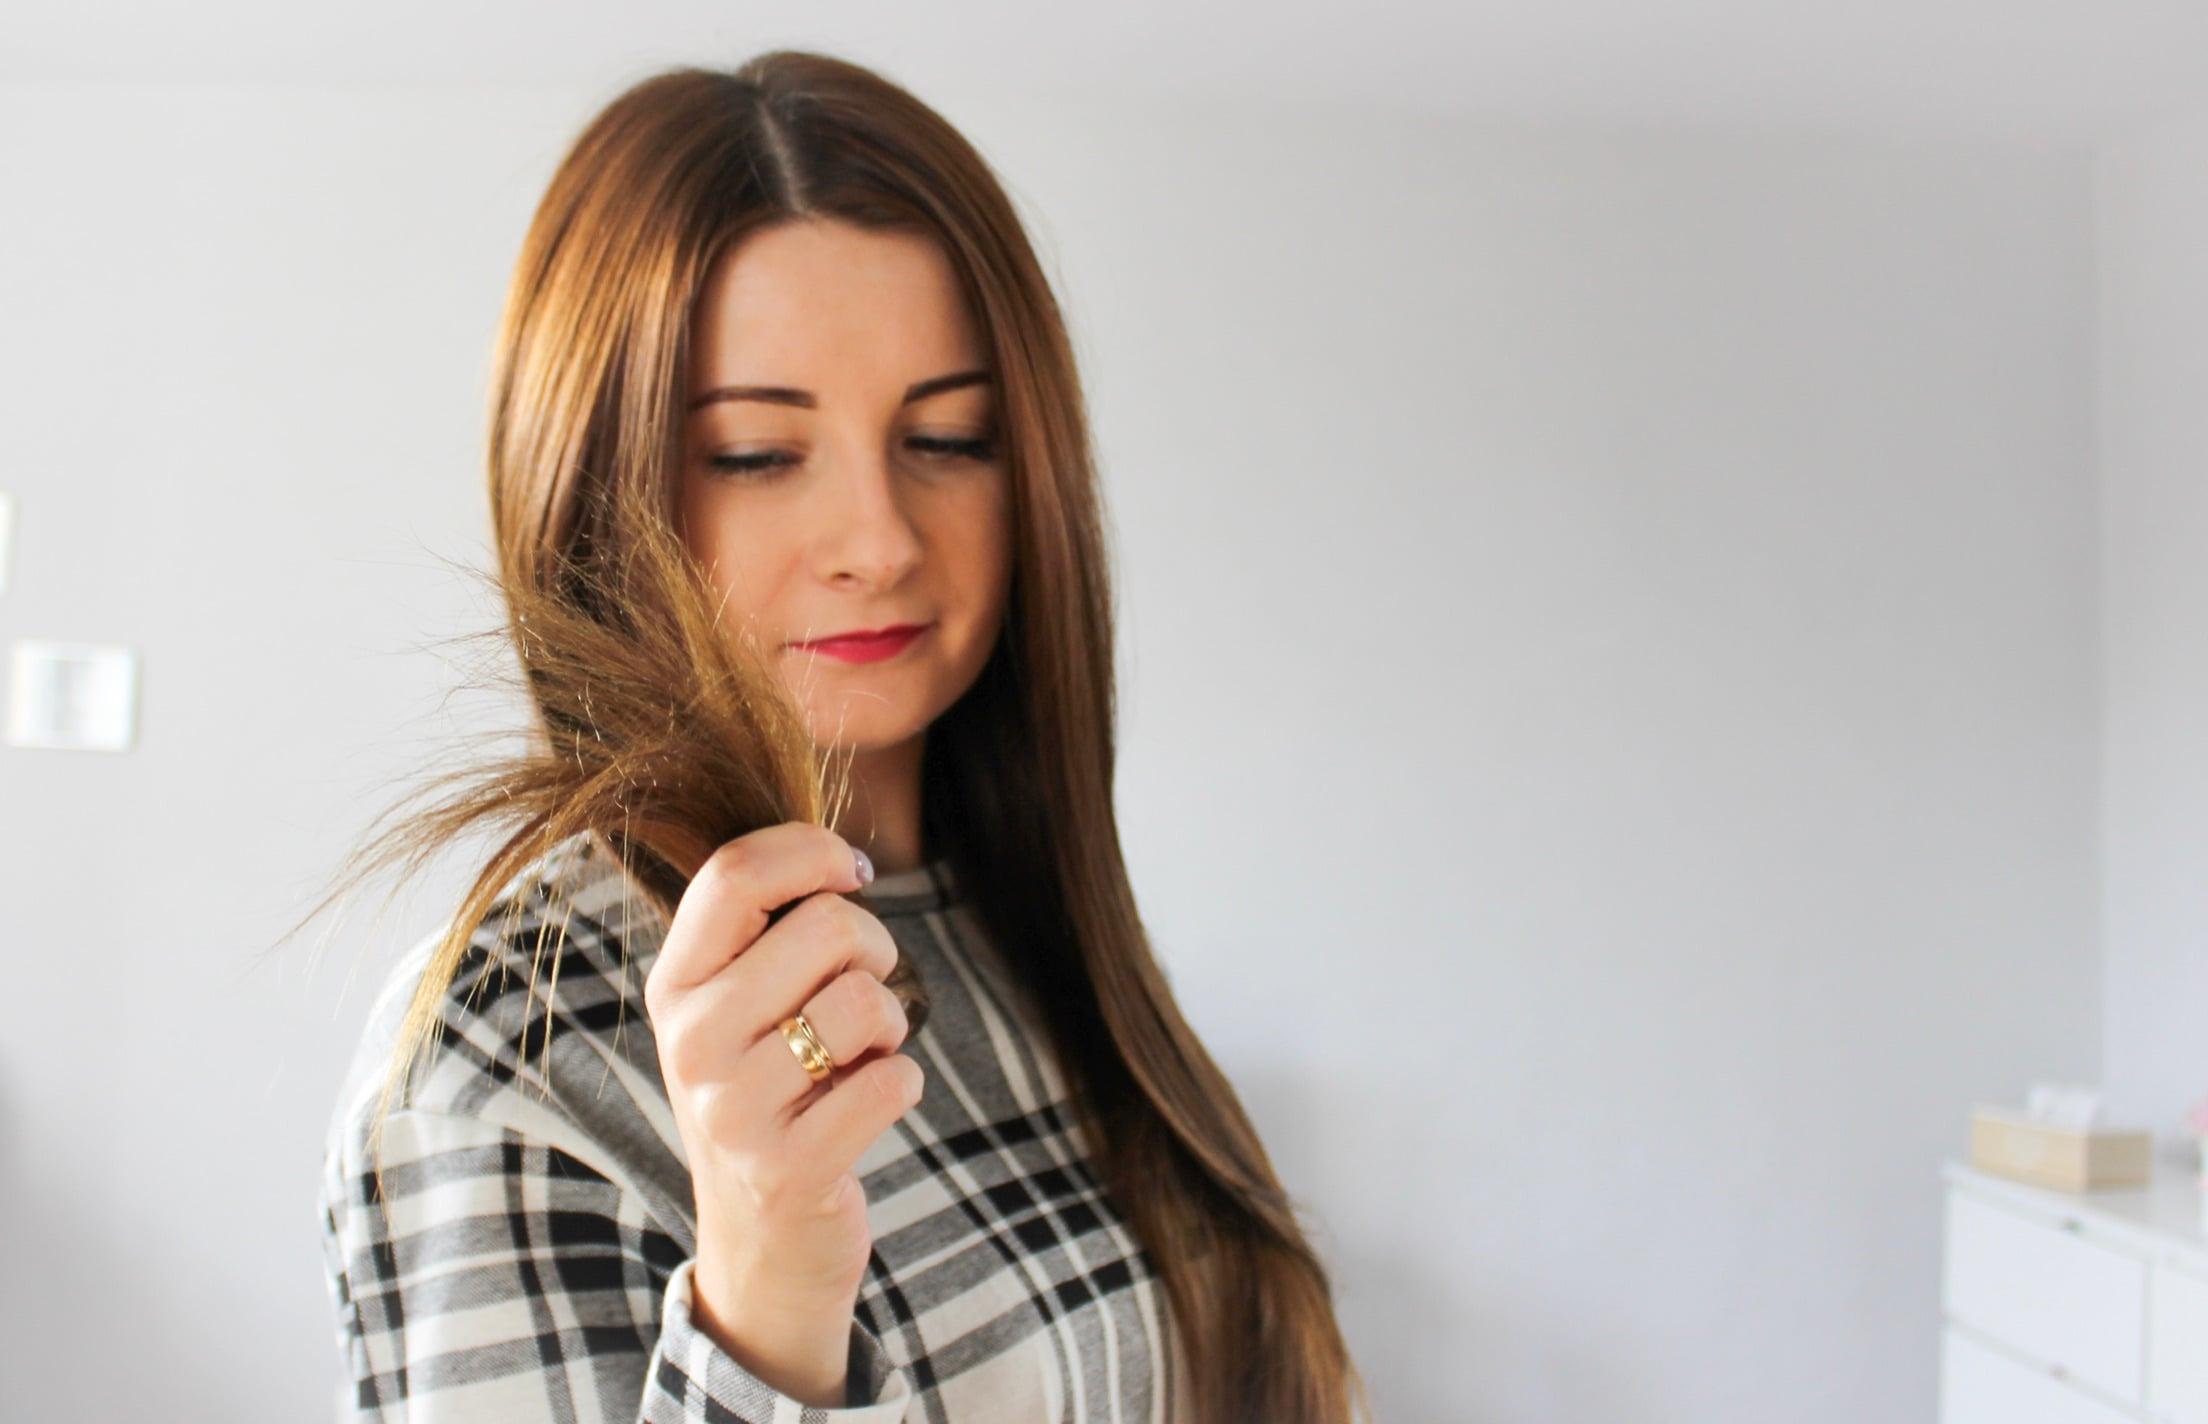 Skuteczne sposoby napuszące się włosy